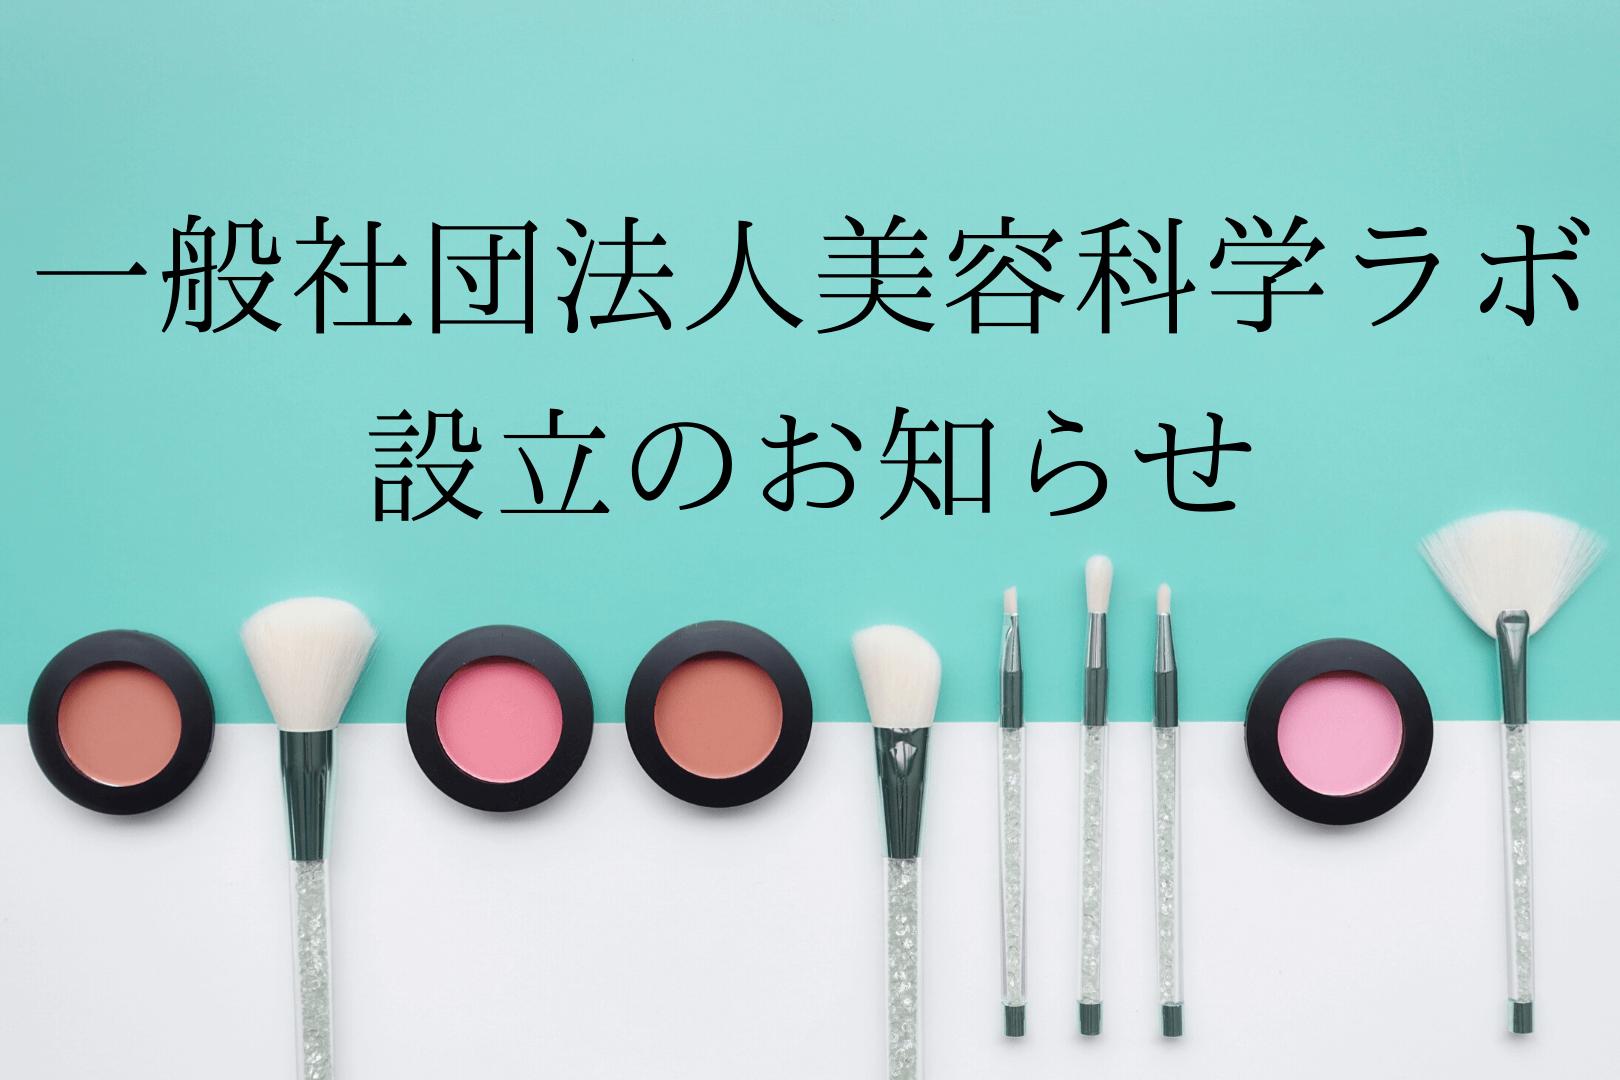 異業種から美容家になるための手順10~『一般社団法人美容科学ラボ』設立のお知らせ ~